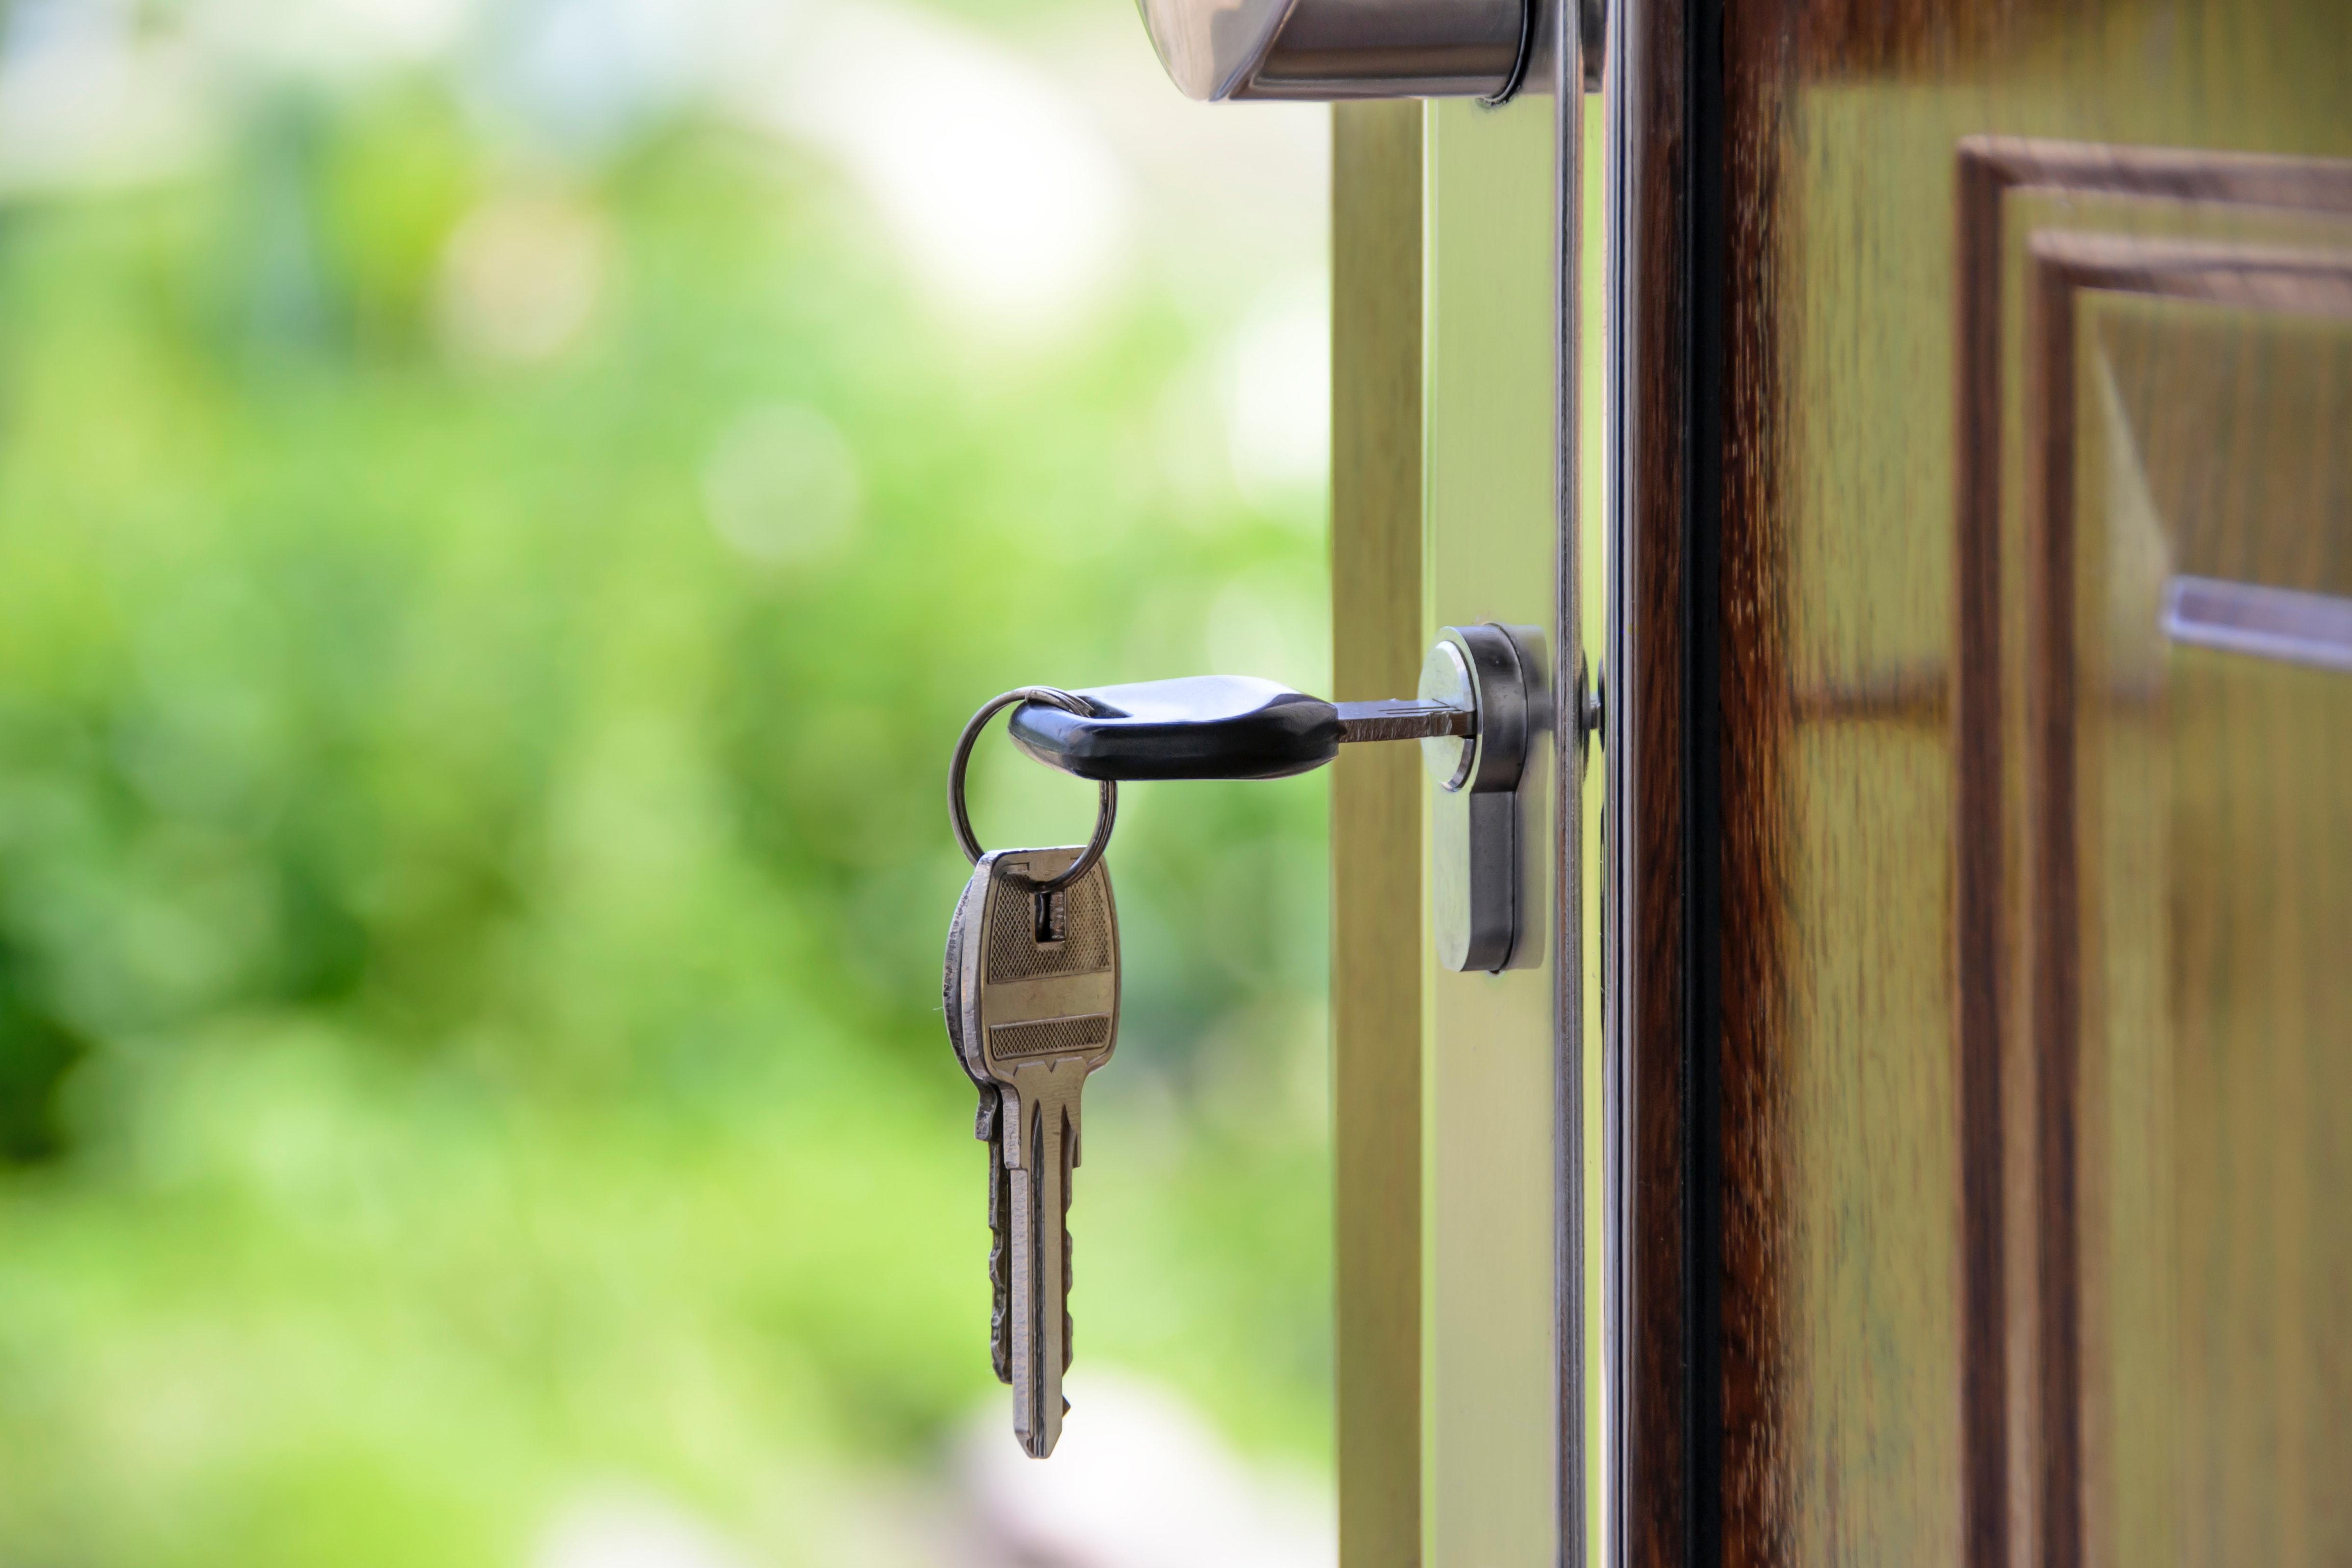 Twelve Unit Property Management